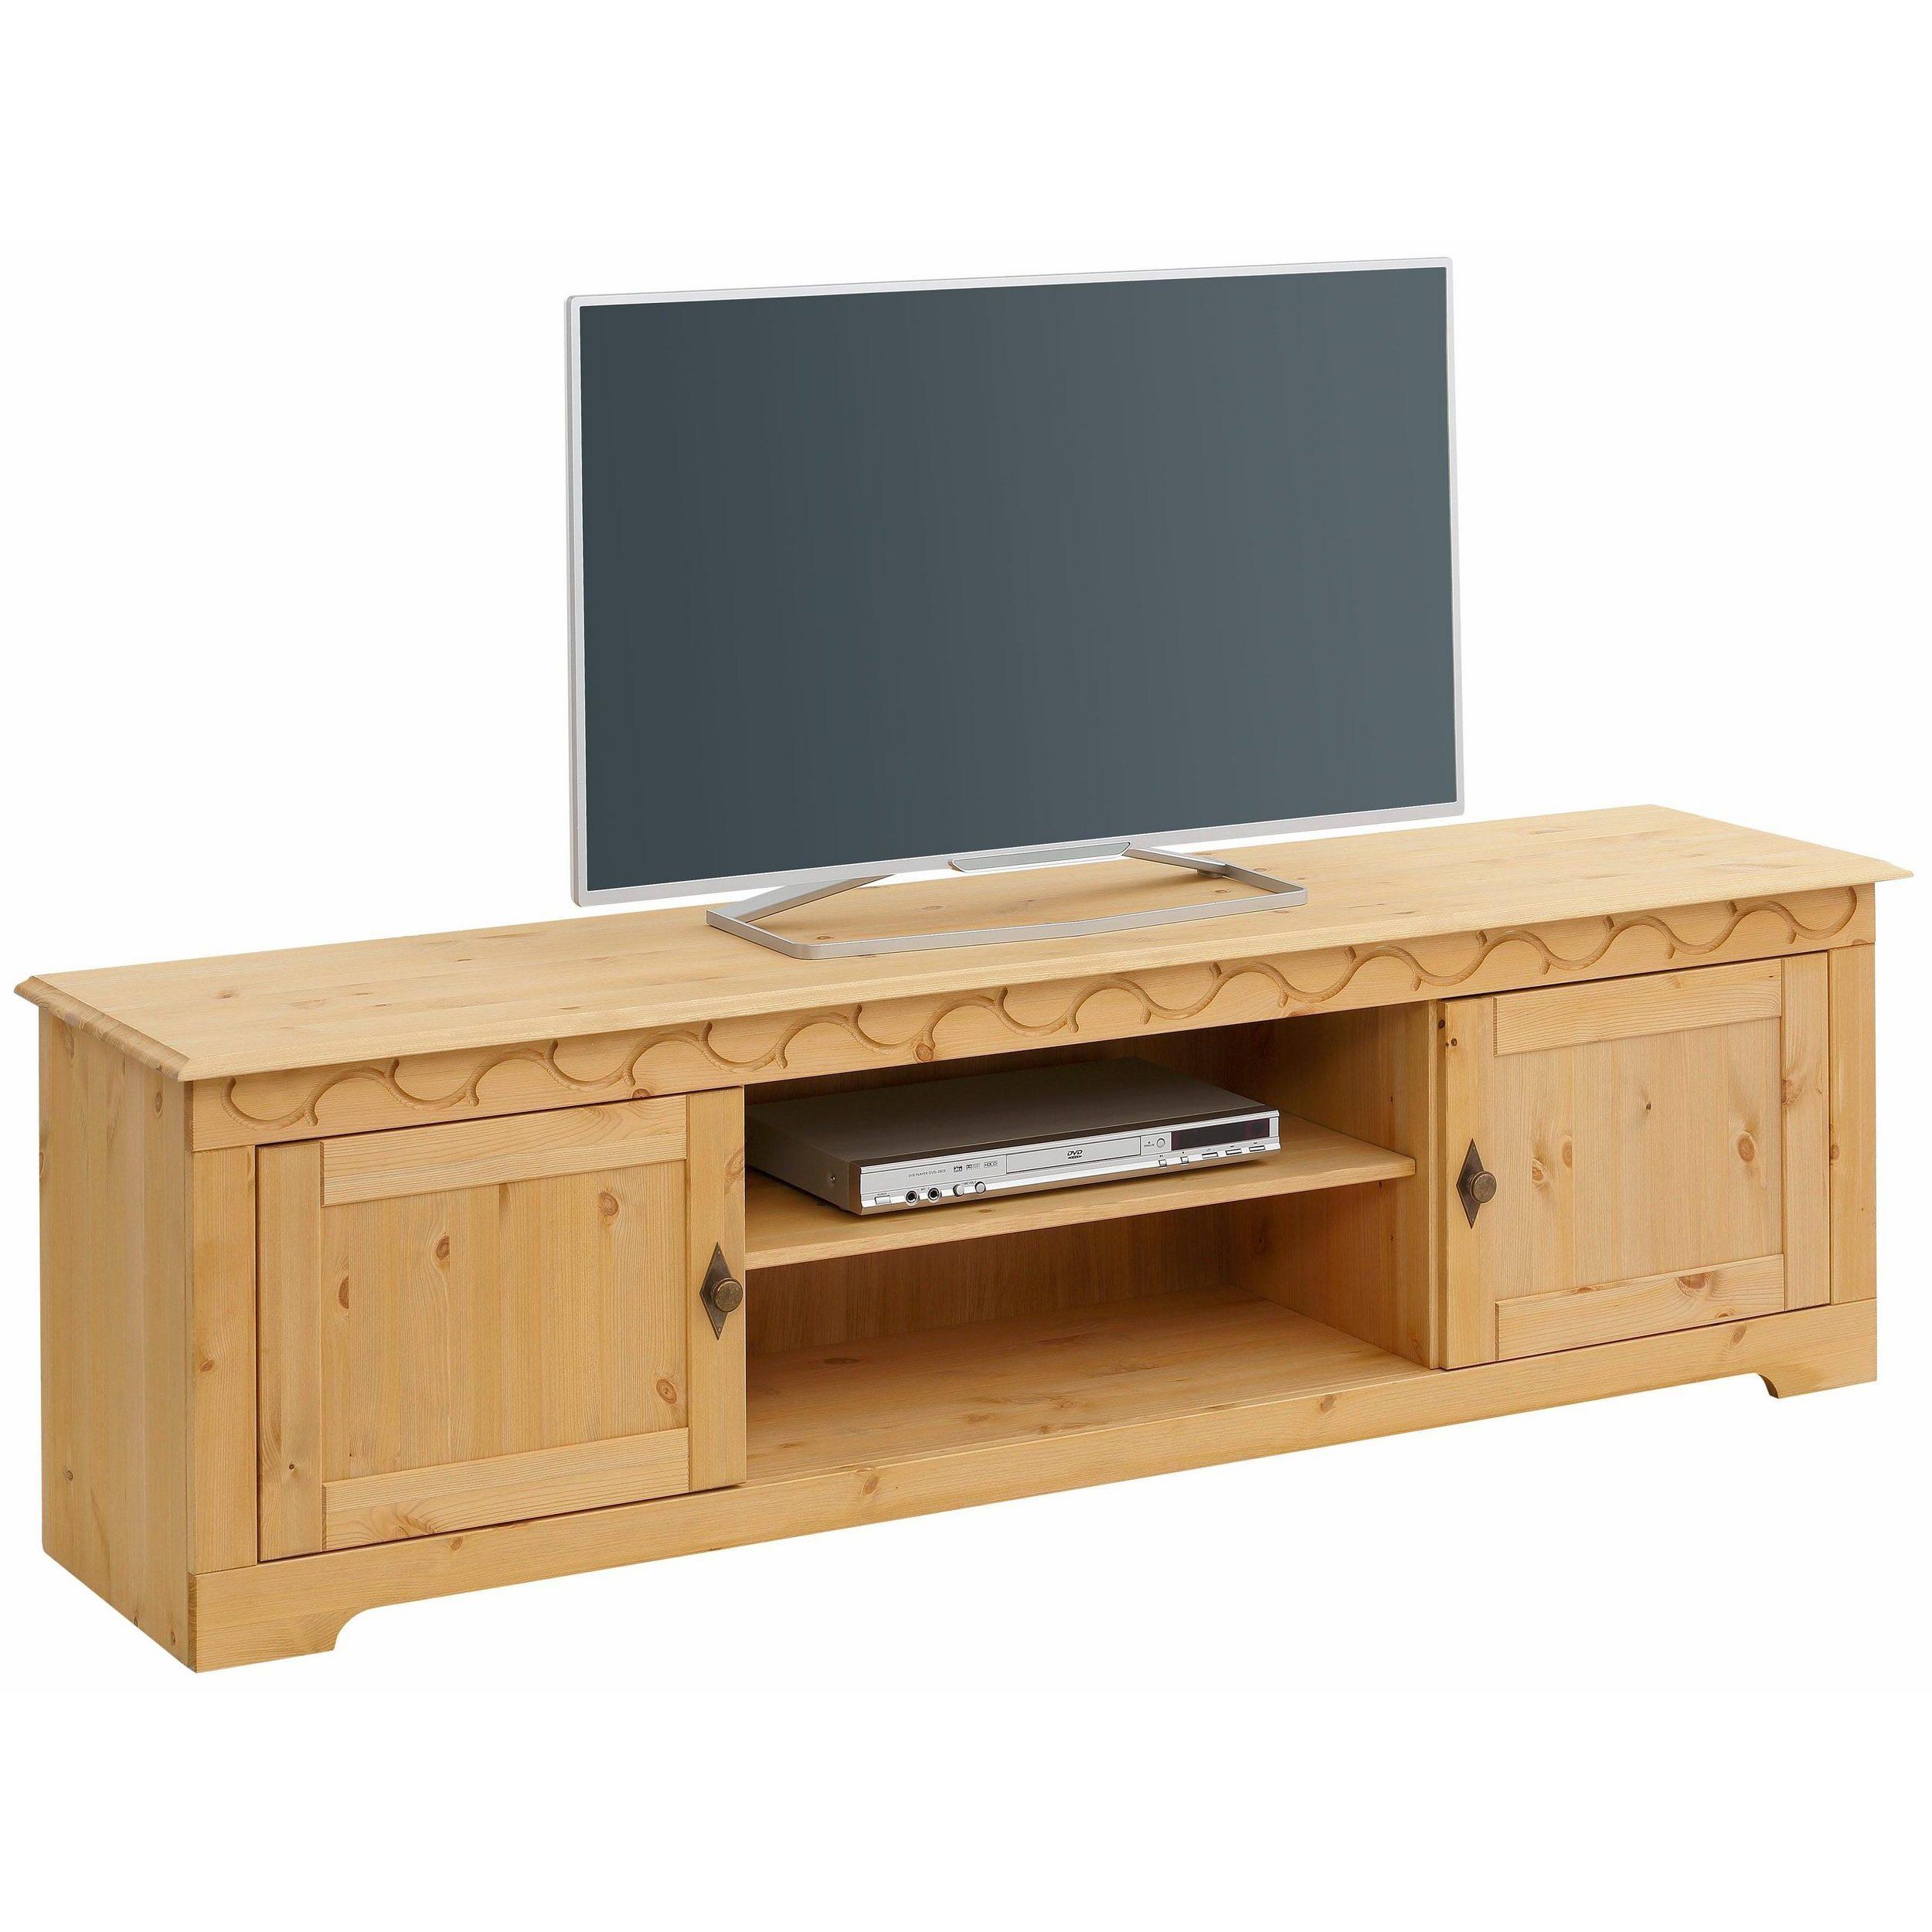 Amüsant Lowboard Fernseher Dekoration Von Shop Lando 69-inch Tv-lowboard, Solid Pine, Natural